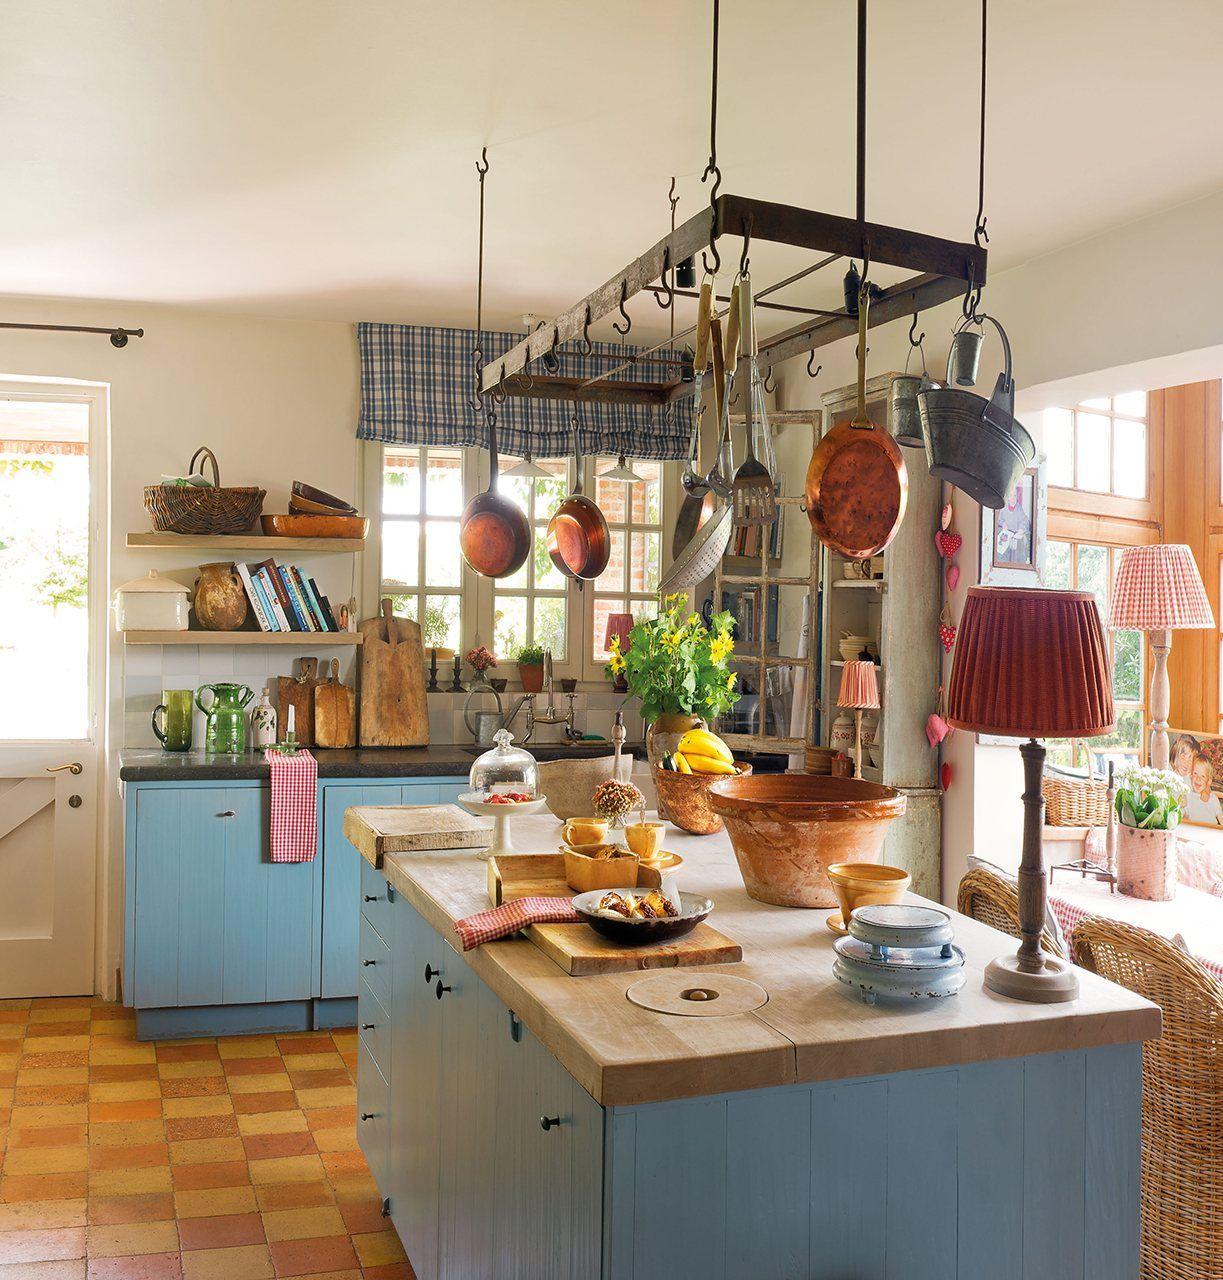 Cocina  El mobiliario lo puedes encontrar en EneDos. Suelo de toba, similar en Neocerámica.